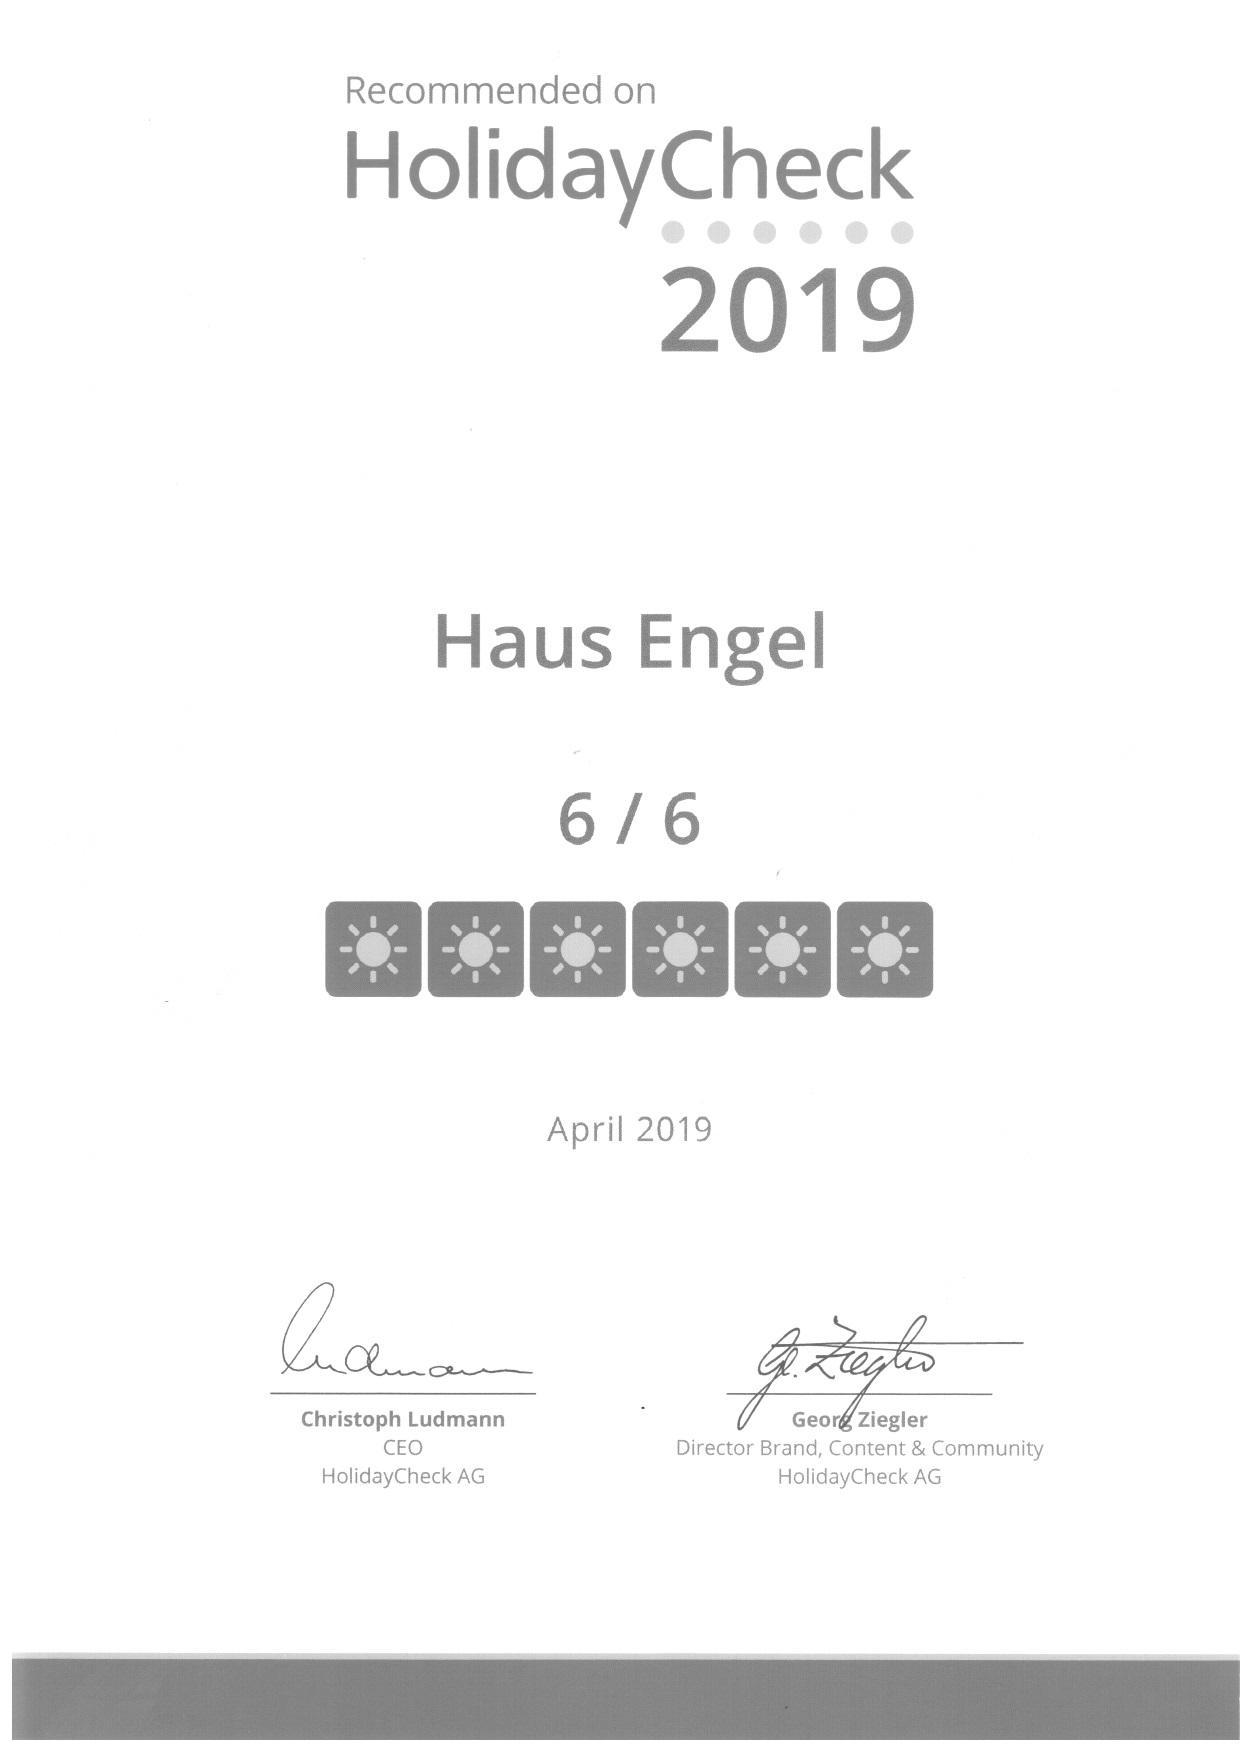 Holiday Check Award 2019